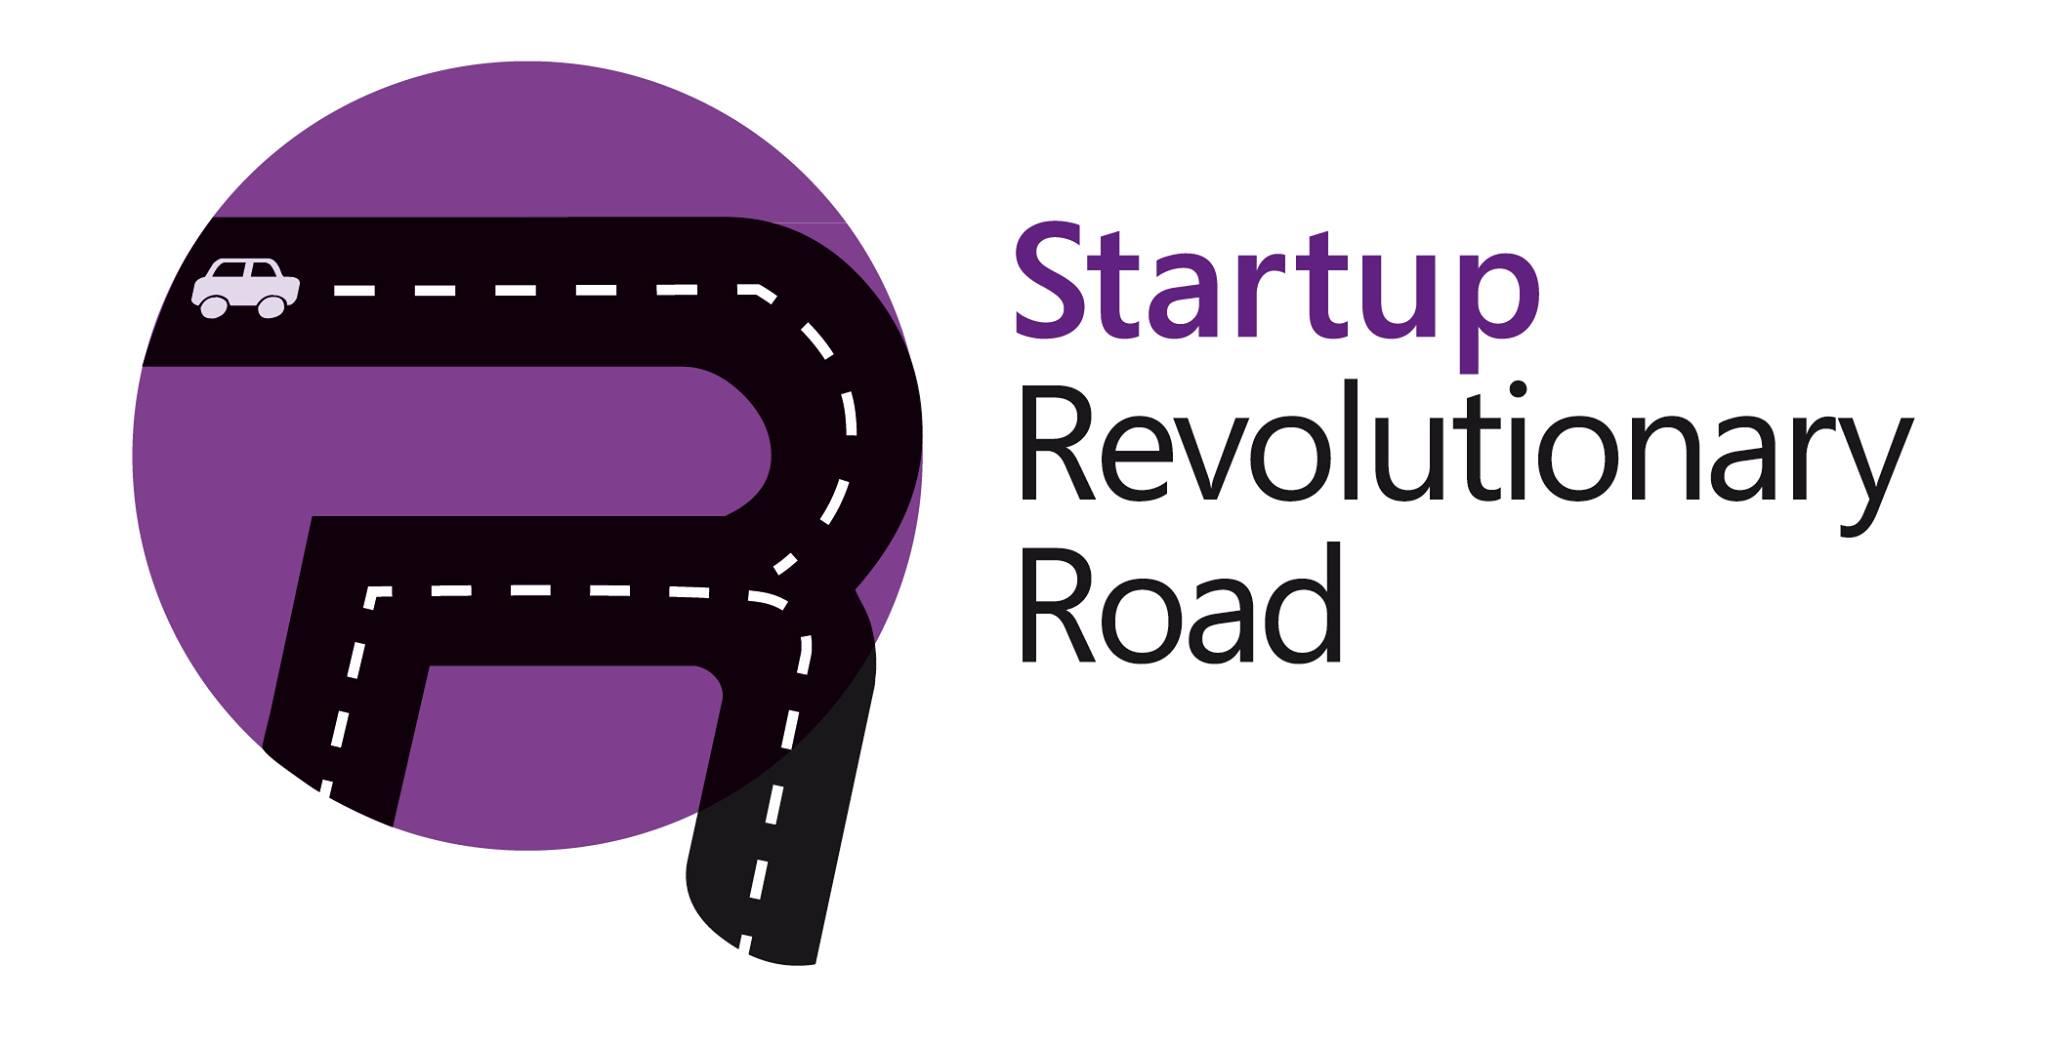 Startup Revolutionary Road